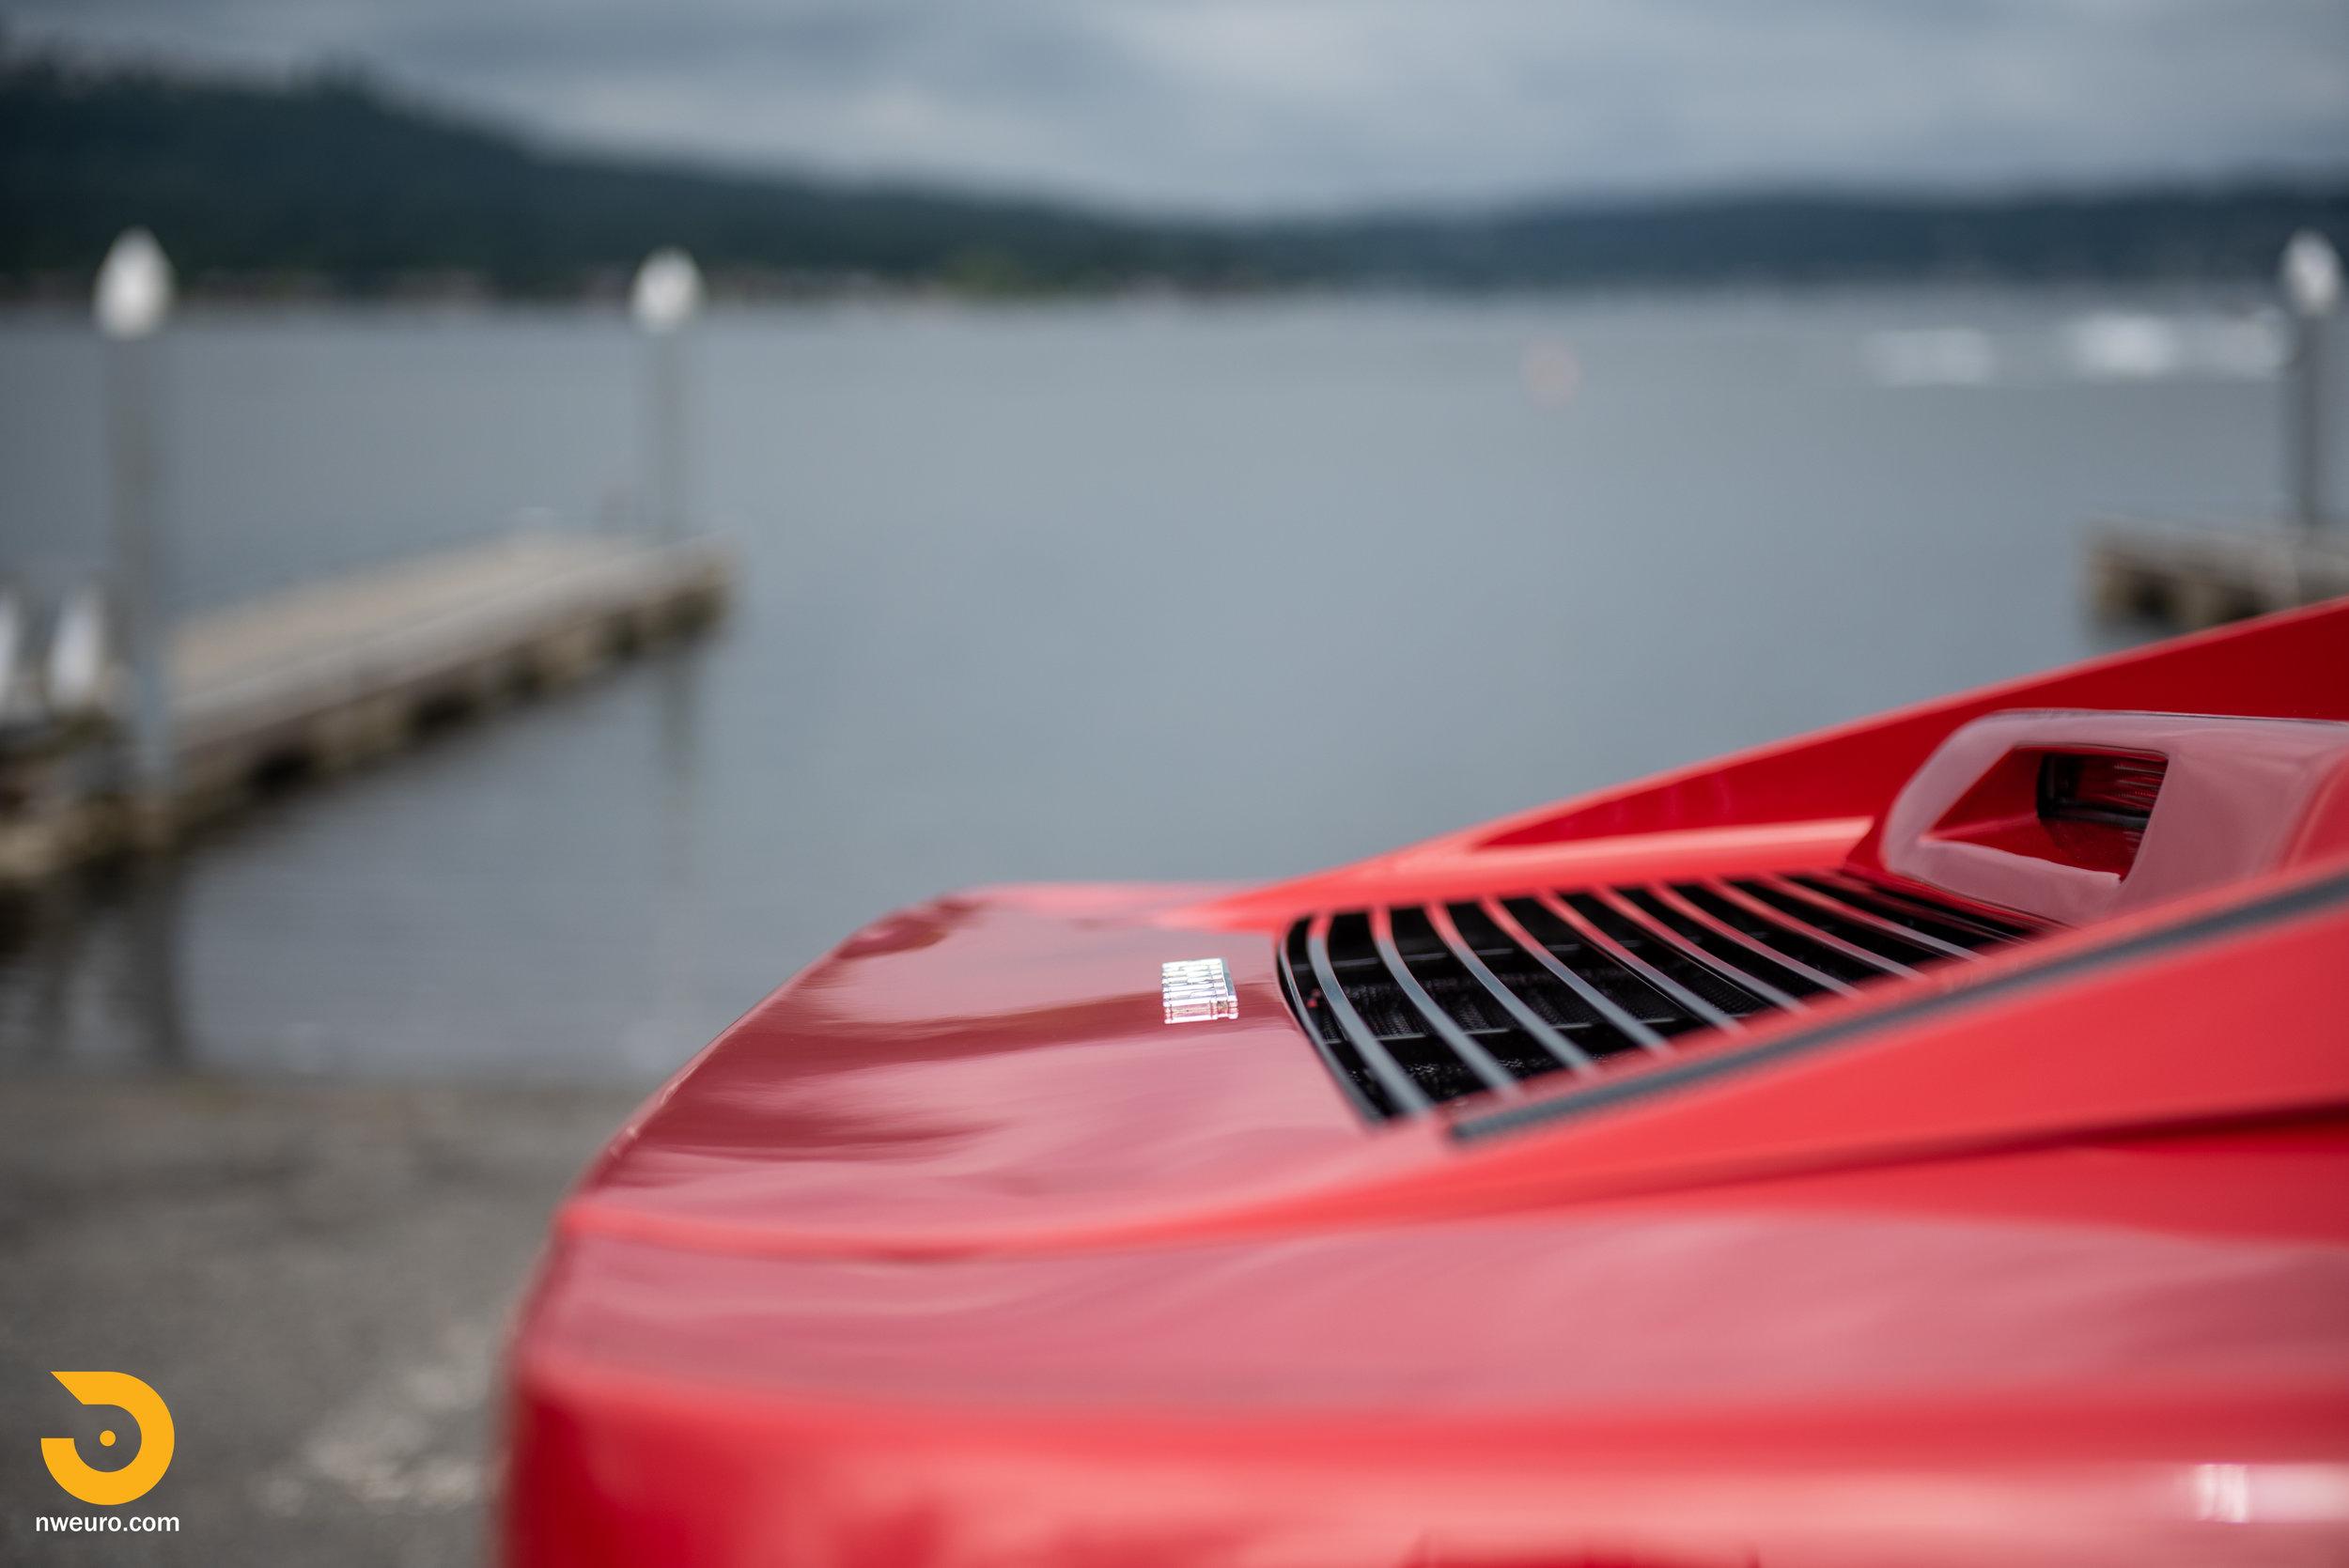 1988 Ferrari Testarossa-10.jpg